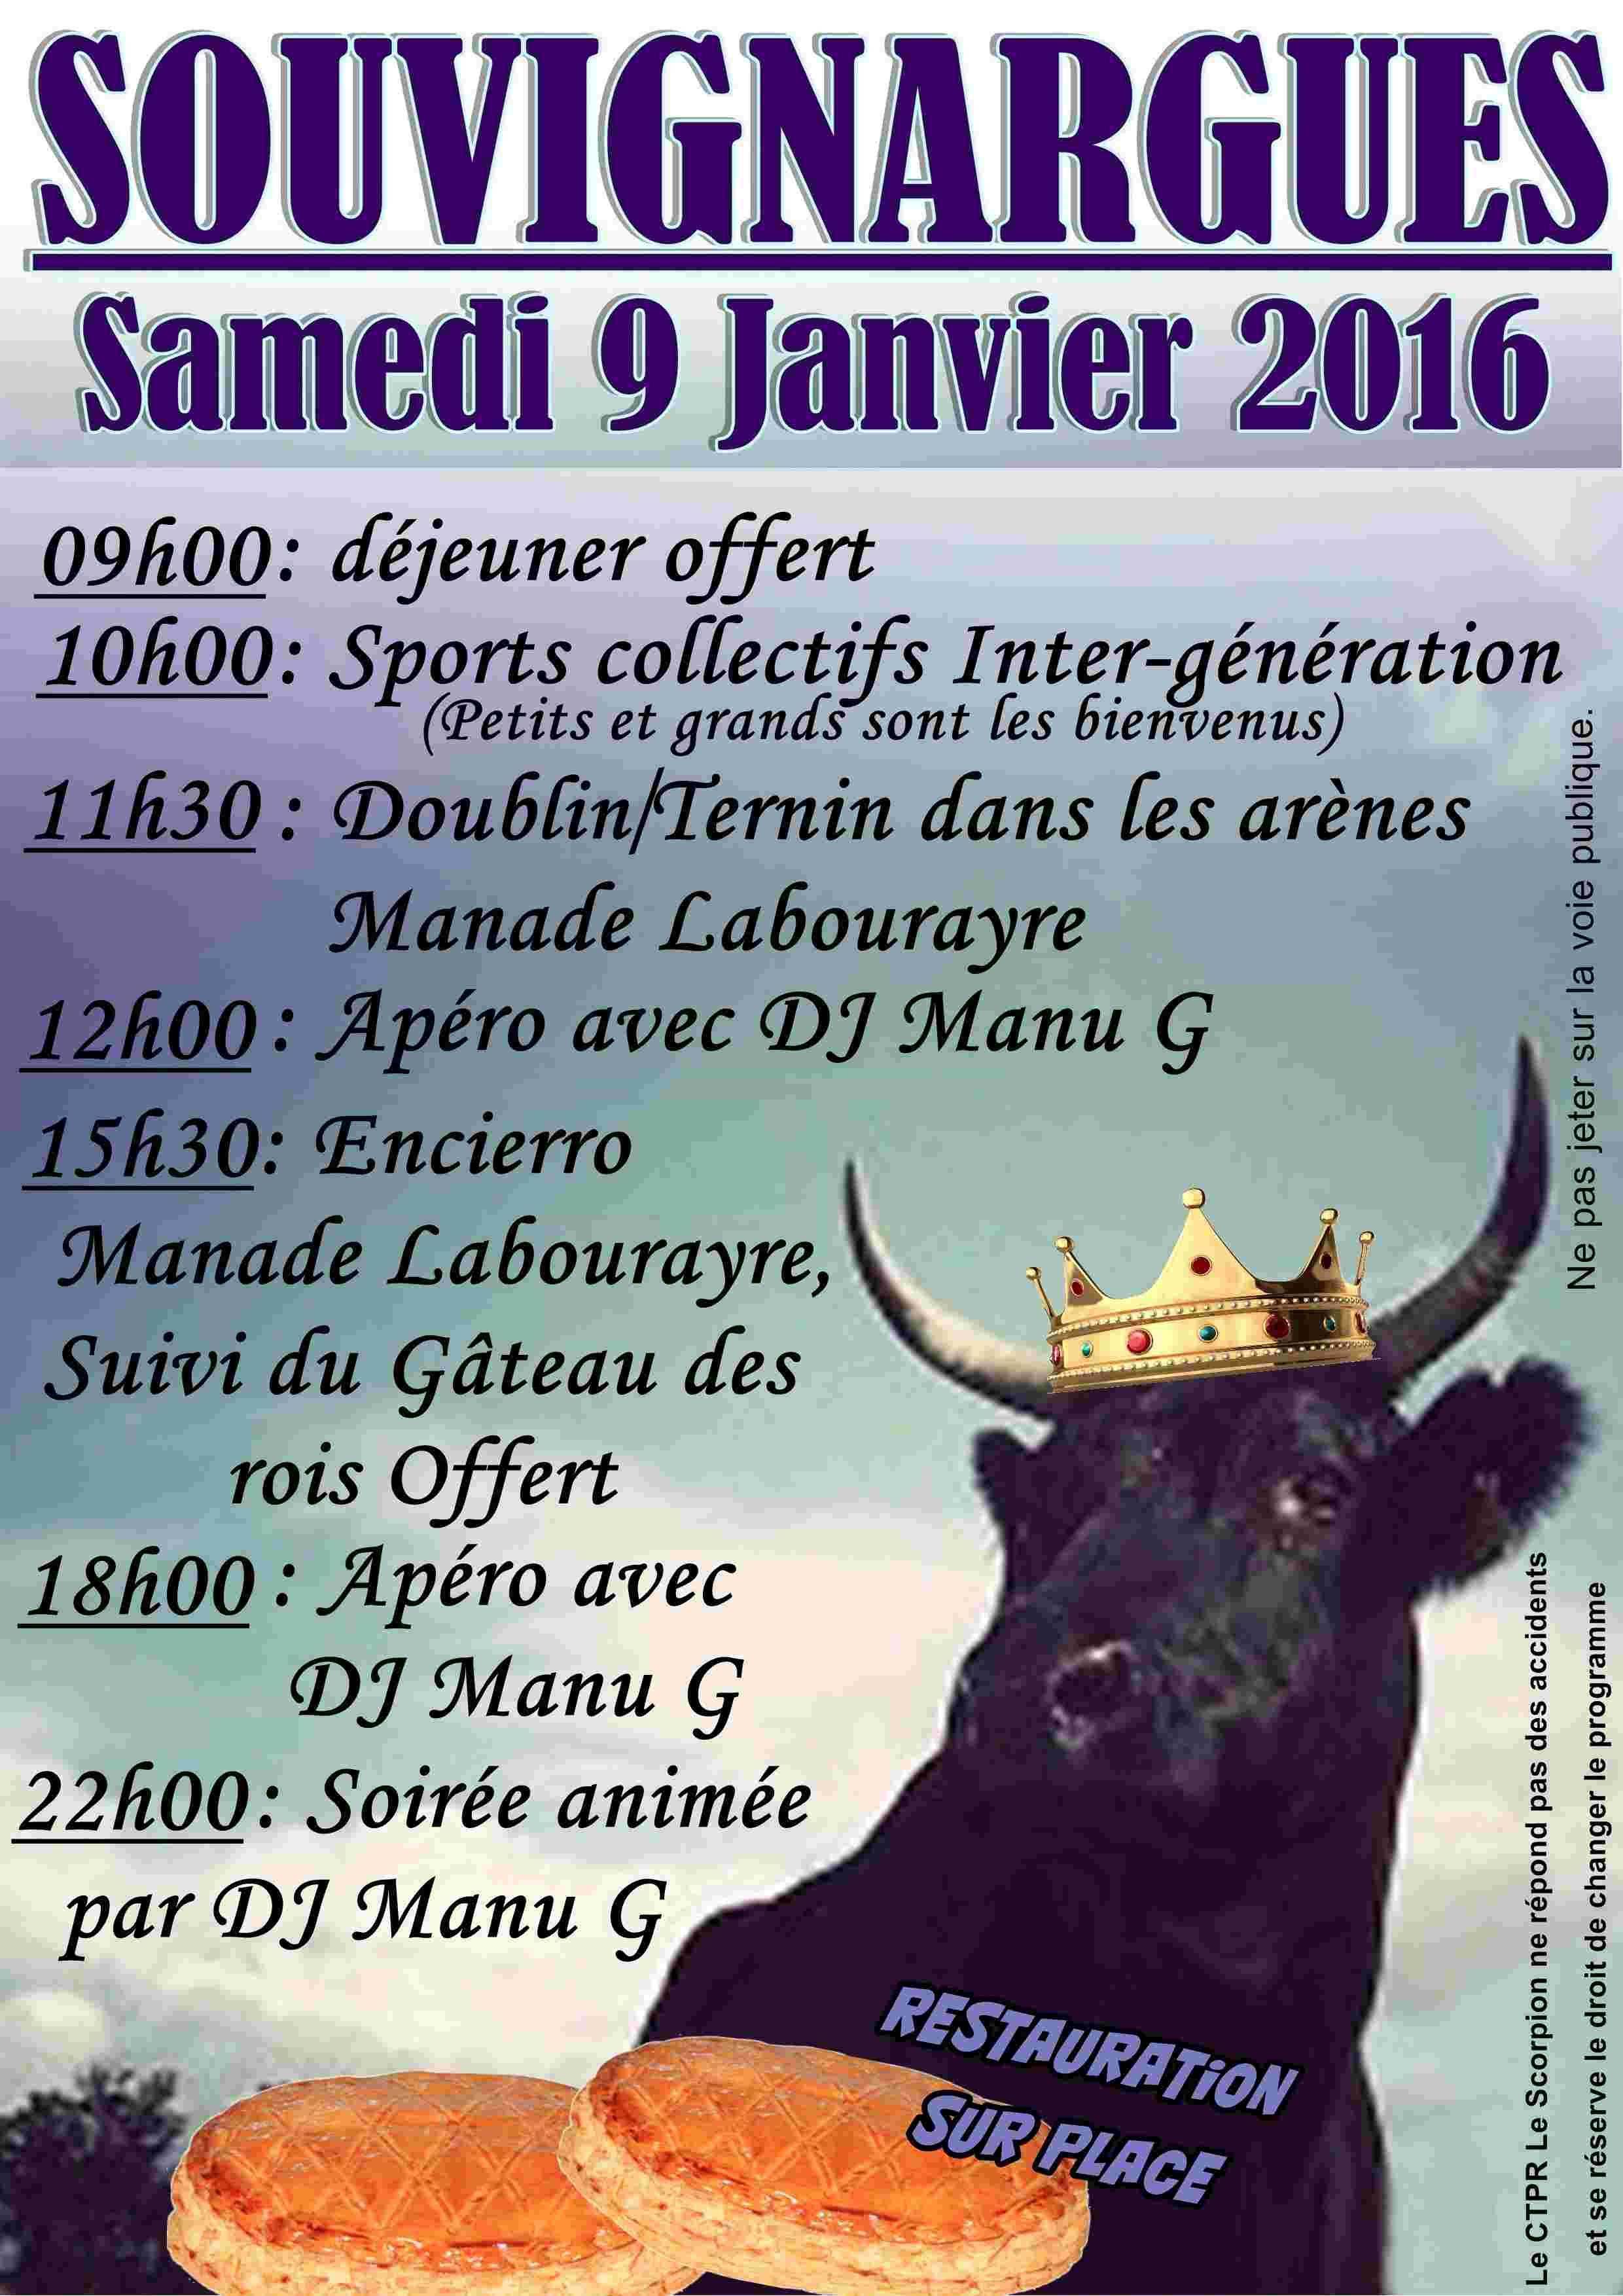 Gâteau Des Rois 9 janvier 2016 SOUVIGNARGUES Fly_ga11